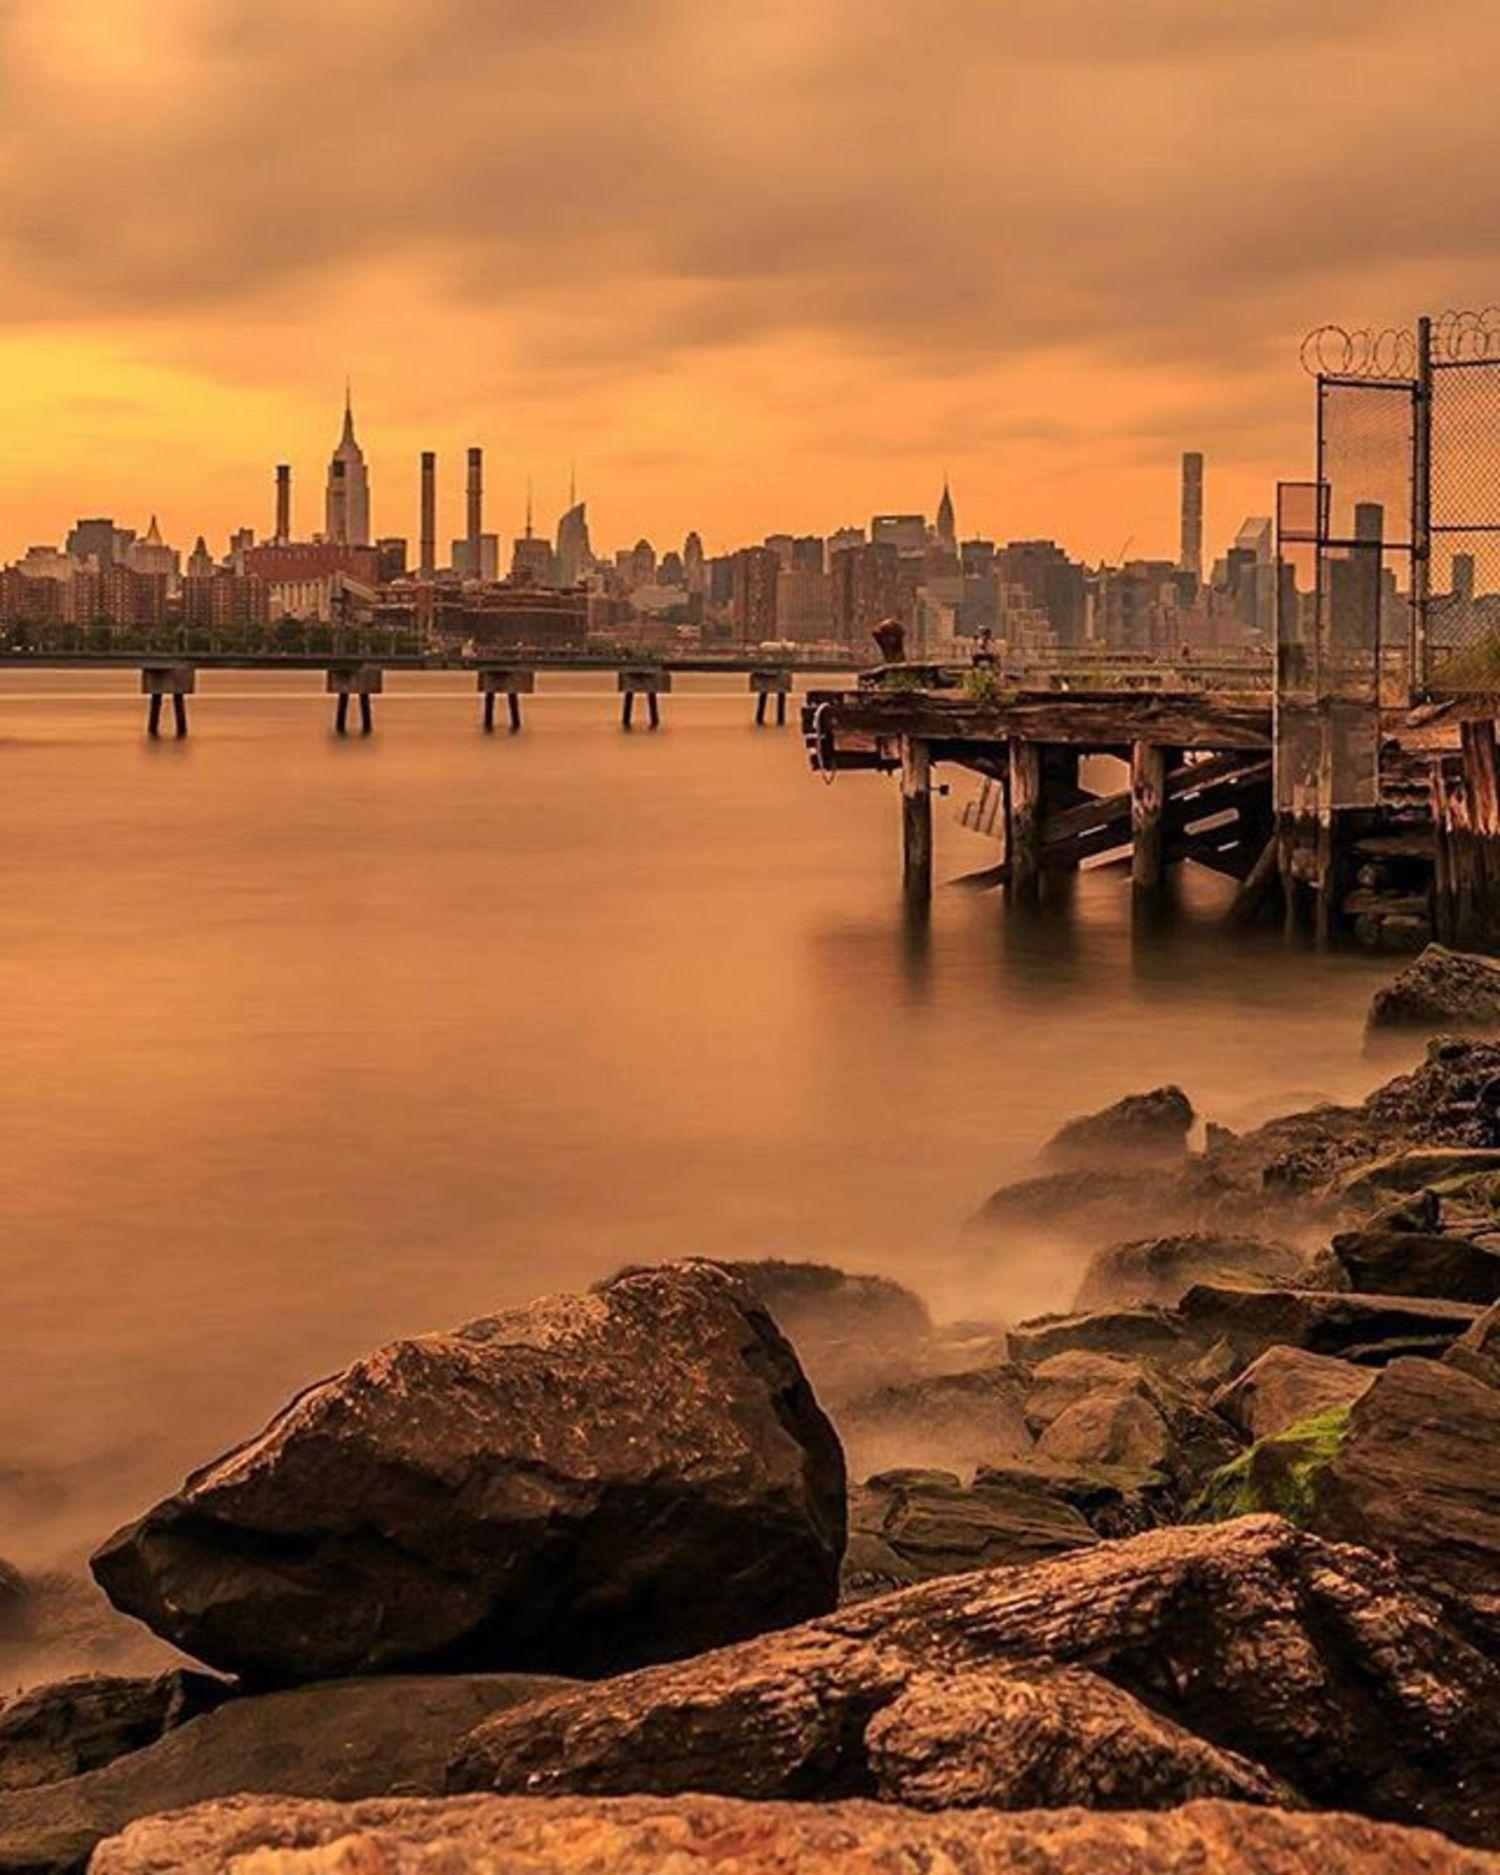 New York, New York. Photo via @killahwave #viewingnyc #newyorkcity #newyork